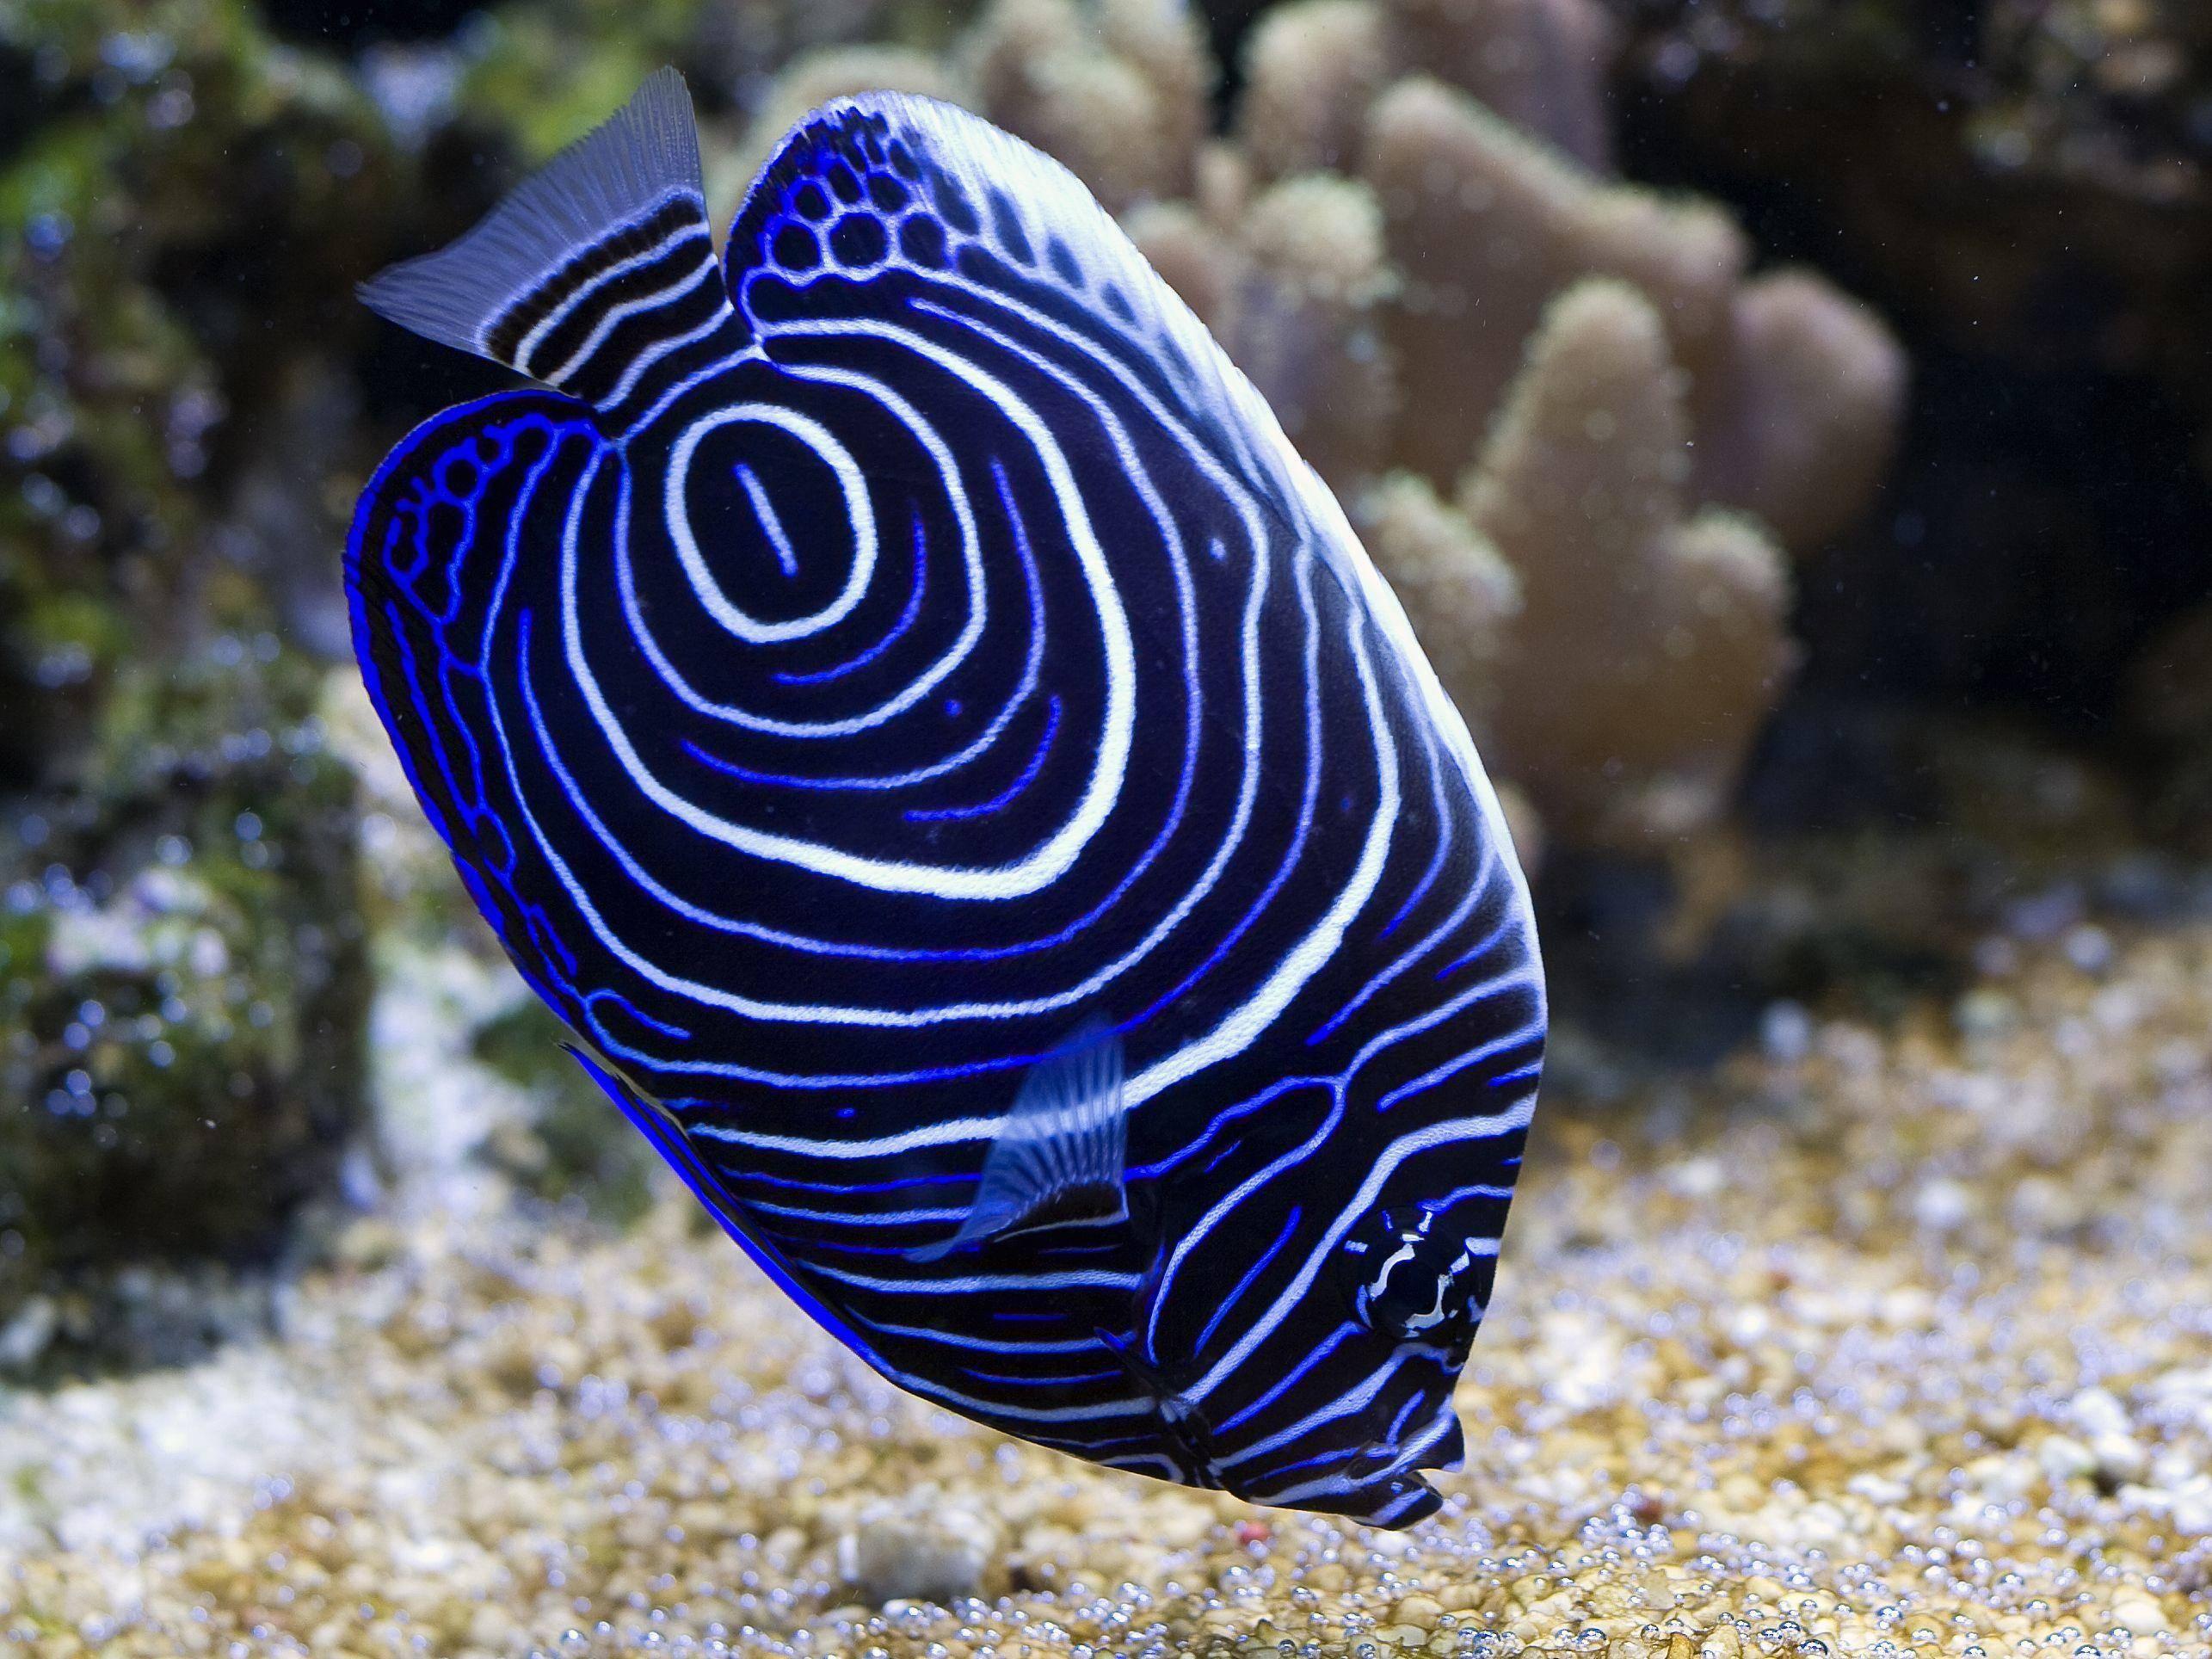 Schön gemustert: Blauguertel-Kaiserfisch